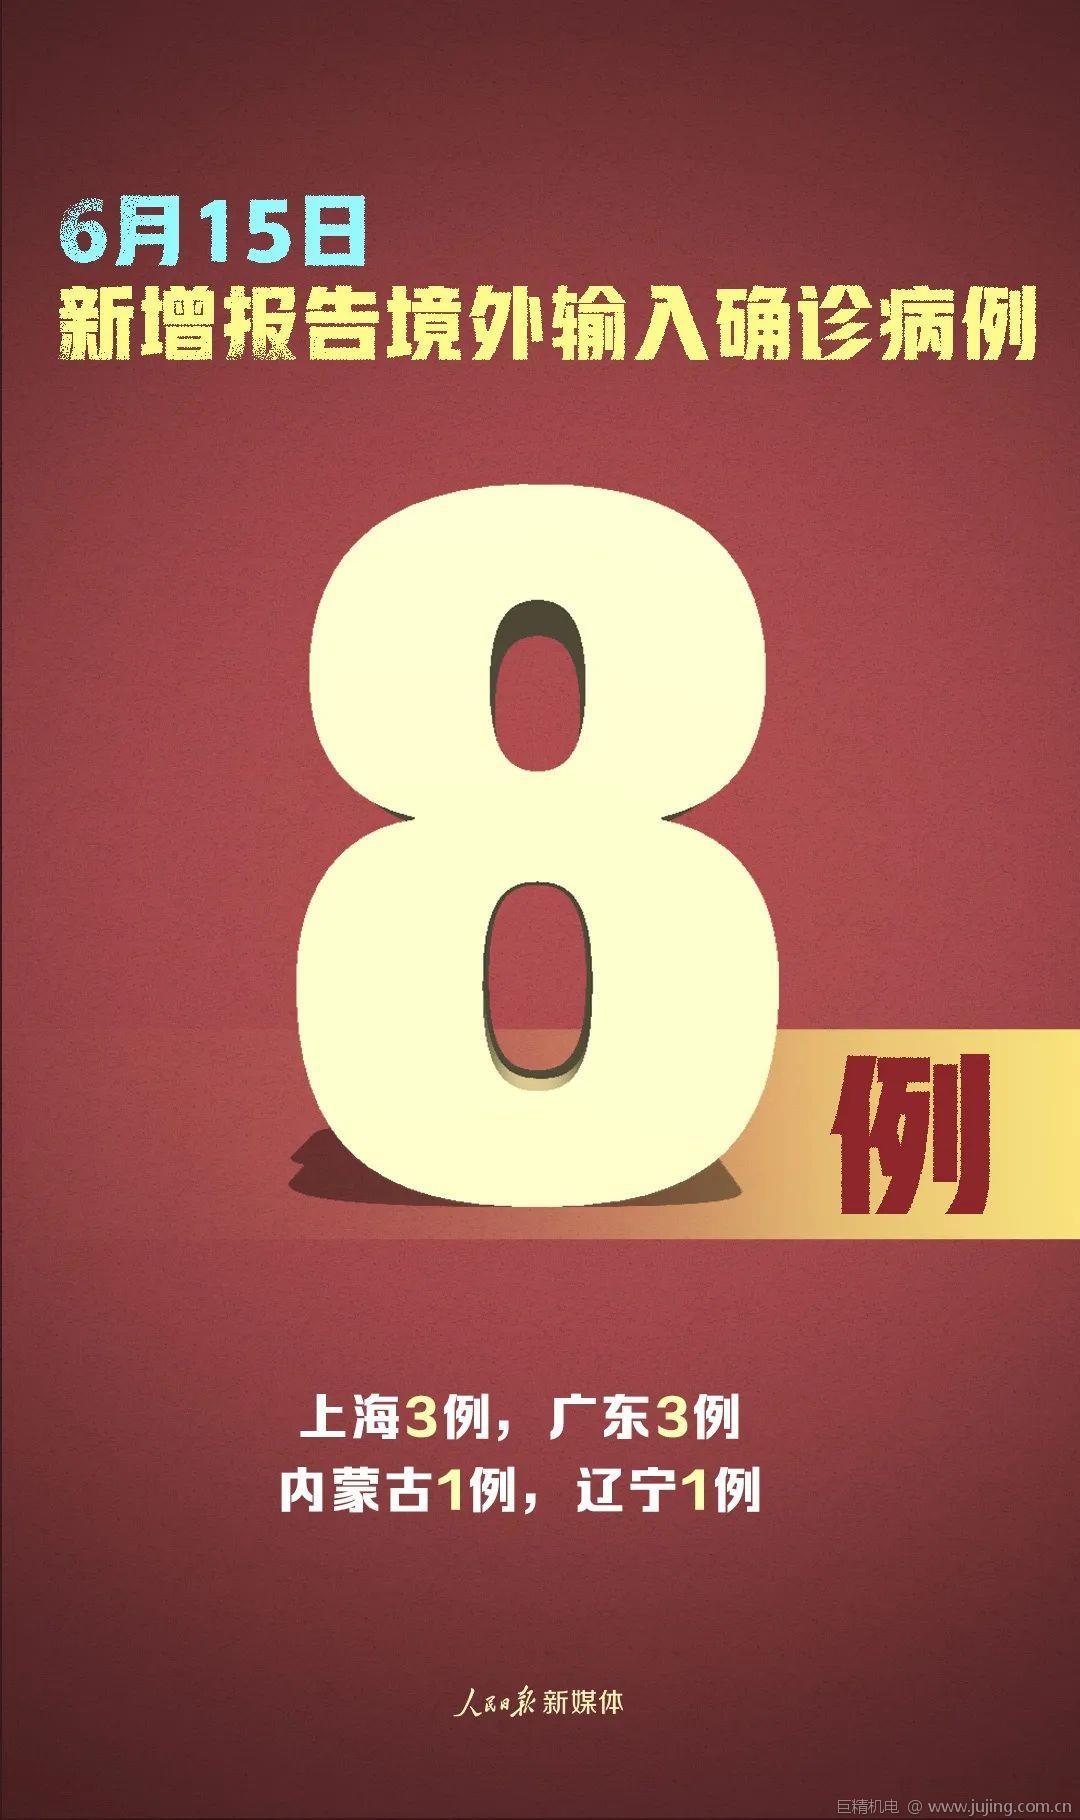 严防!新增确诊40例,其中北京27例